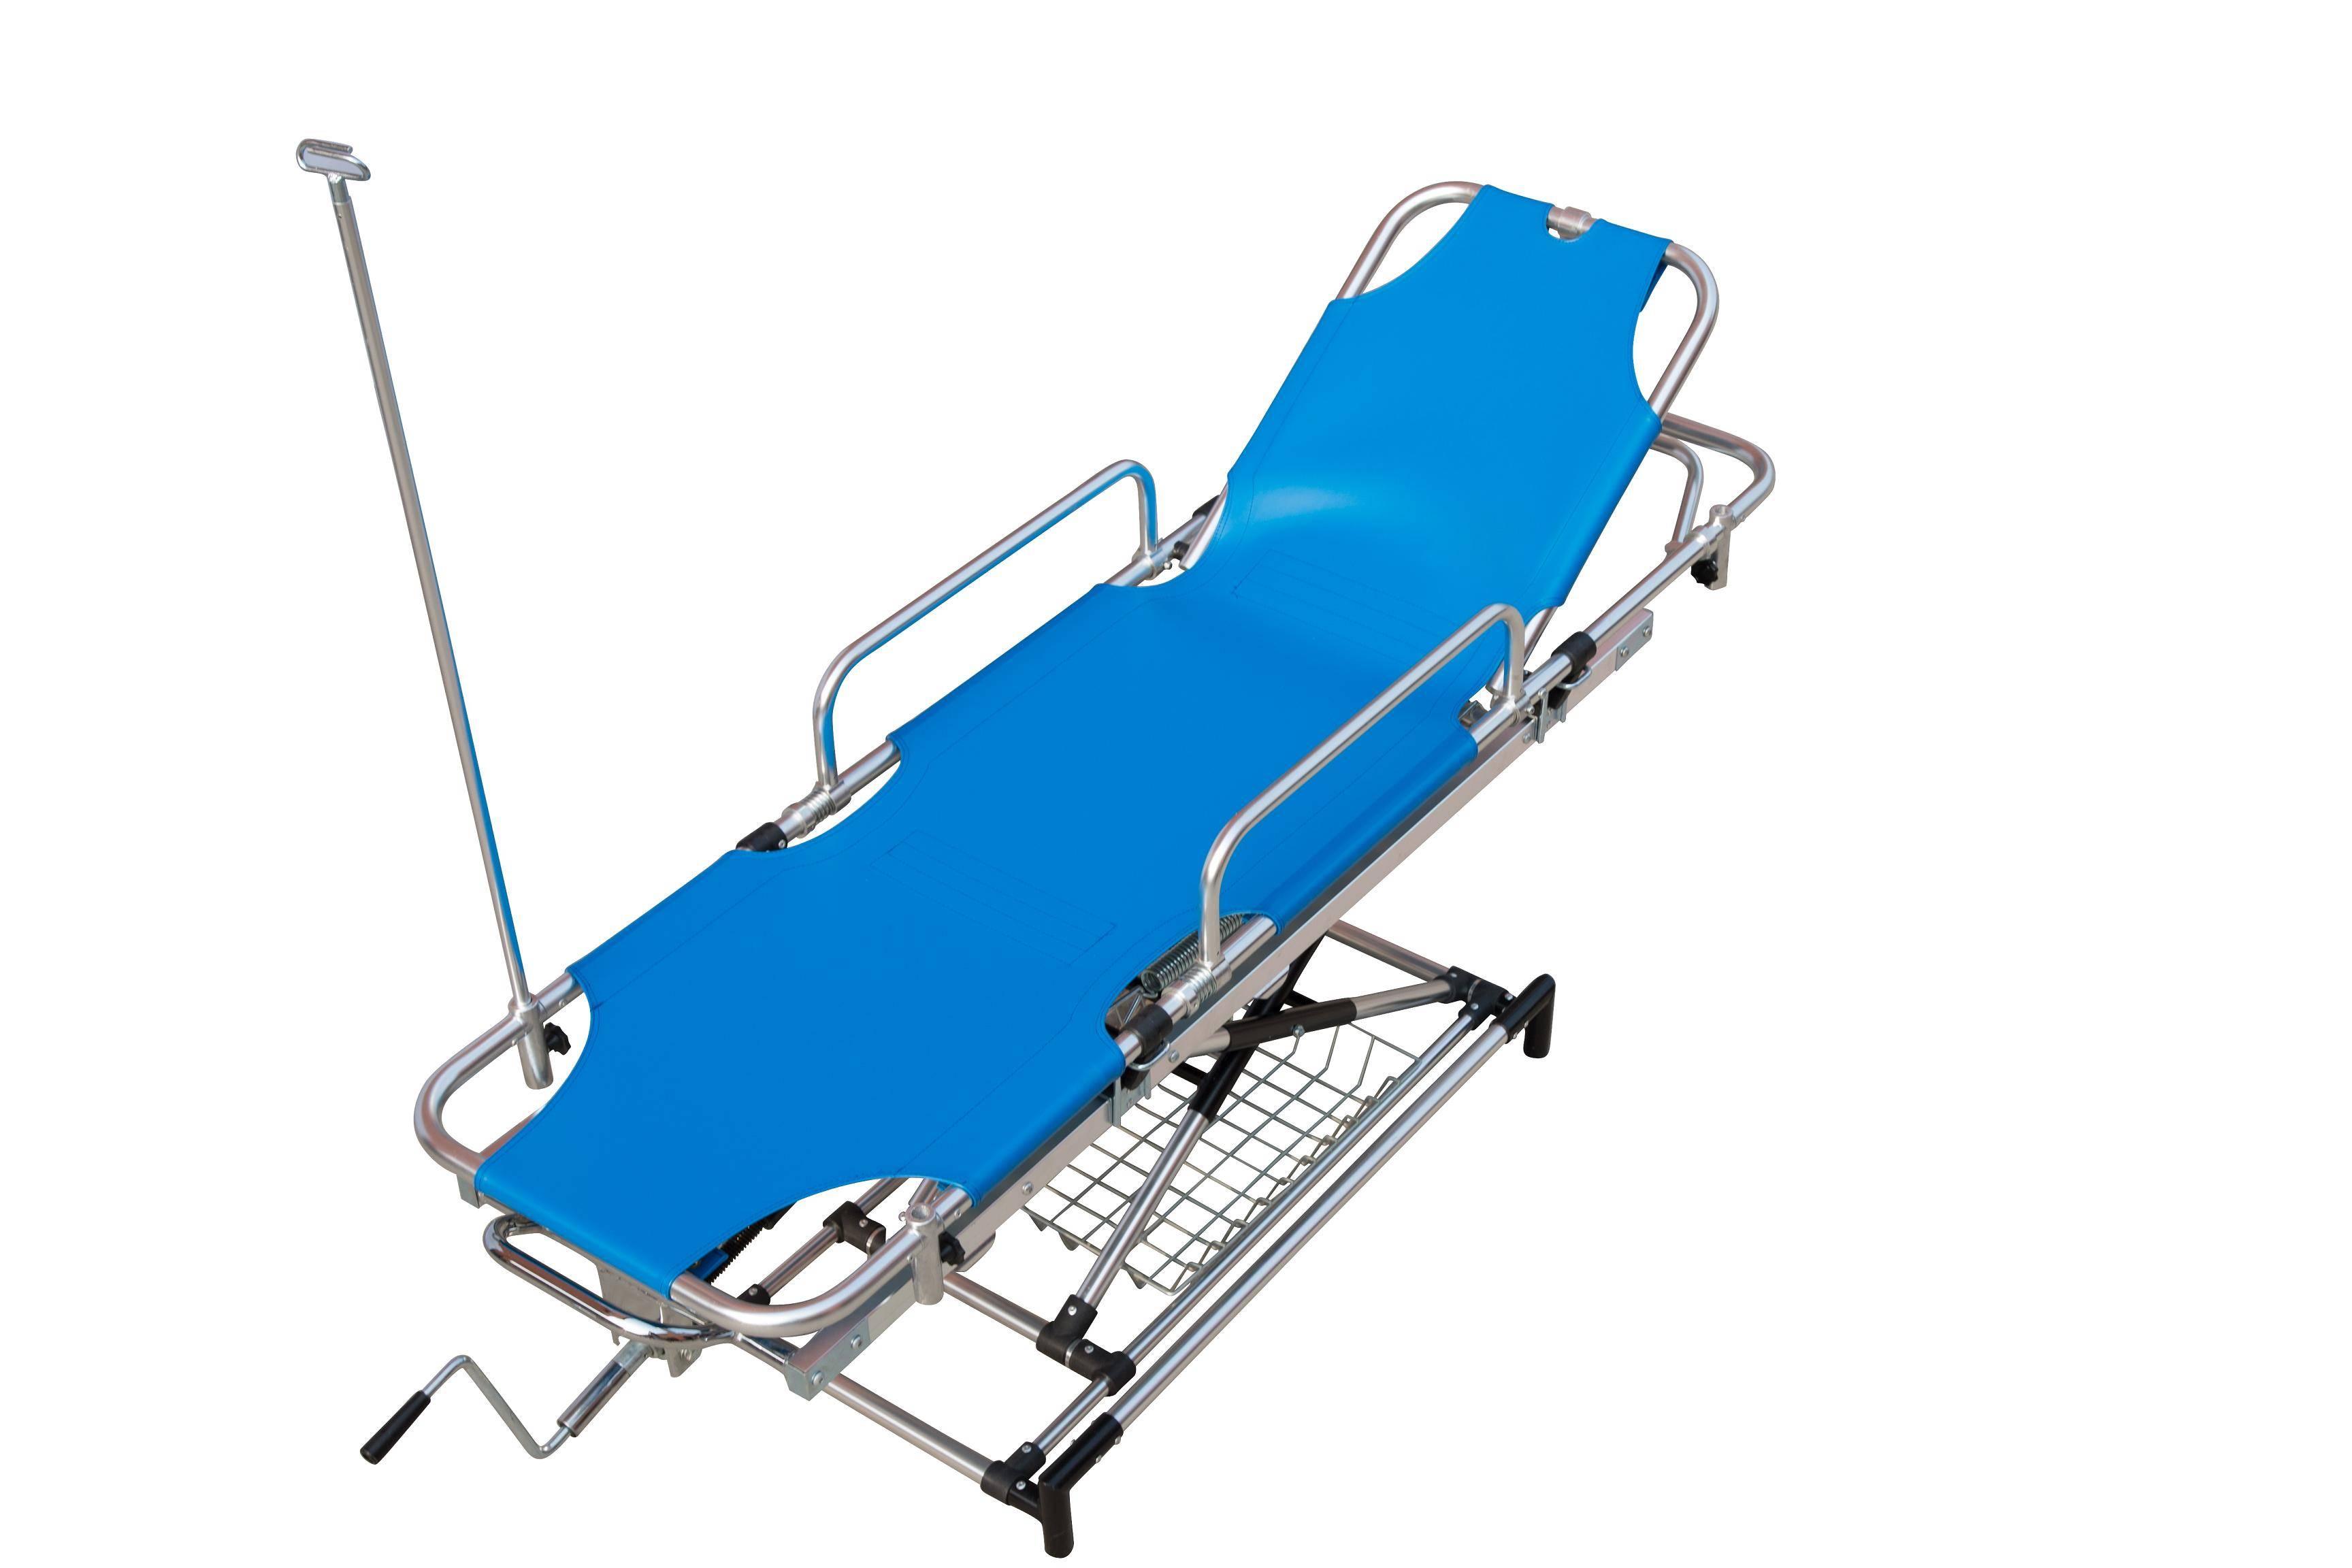 Trolley stretcher HS-G001